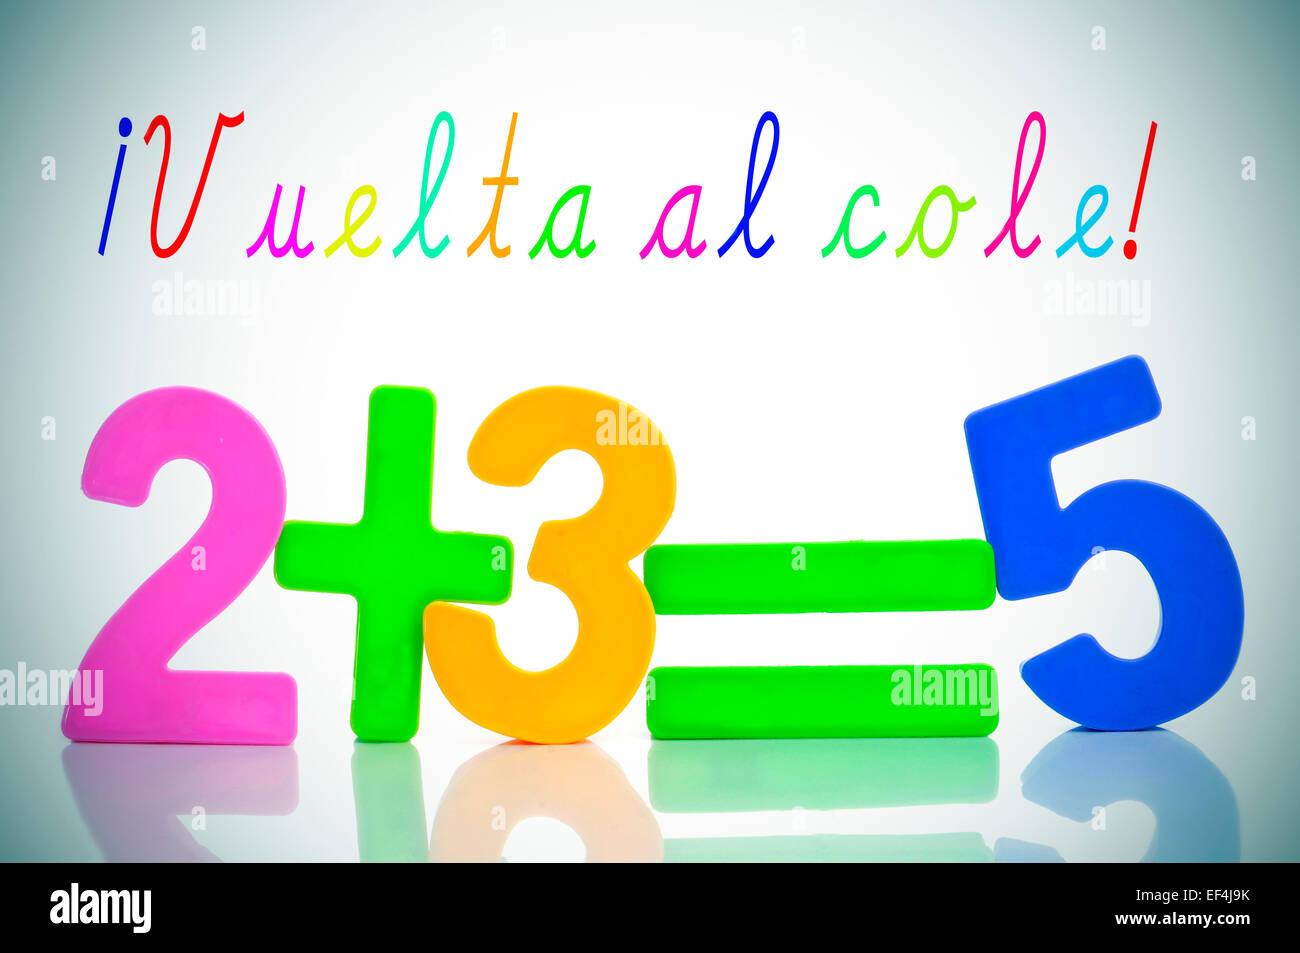 Frase Vuelta Al Cole Vuelta A La Escuela En Español Y La